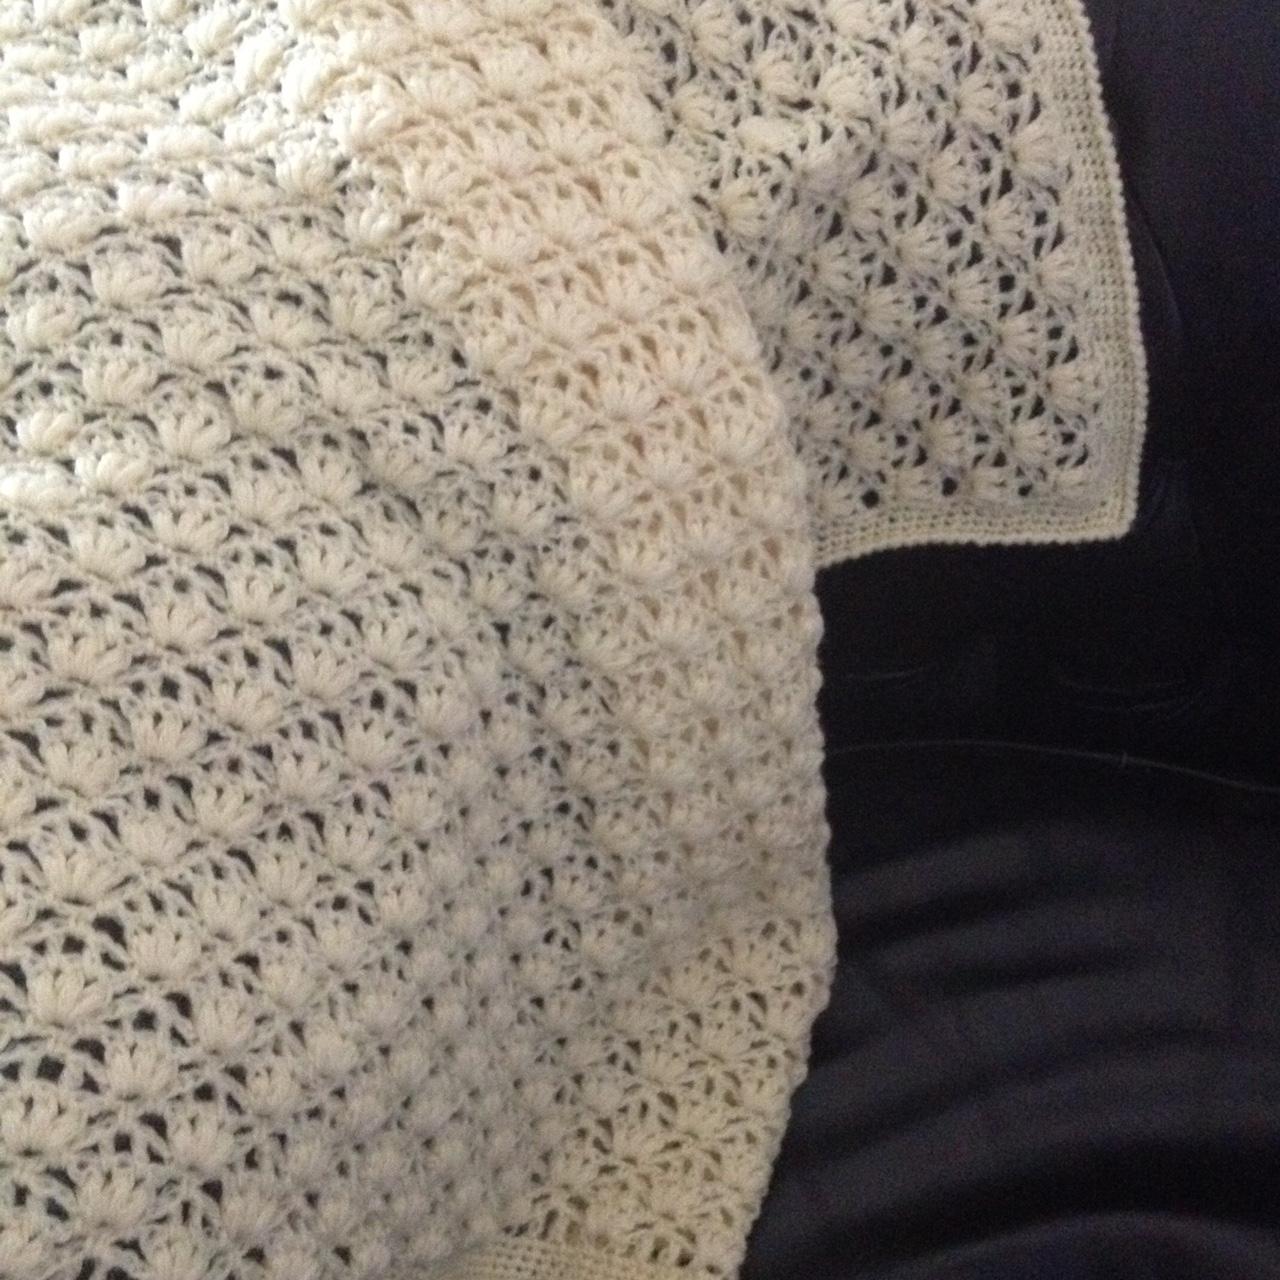 Copertina Neonato Pulcino Crochetime